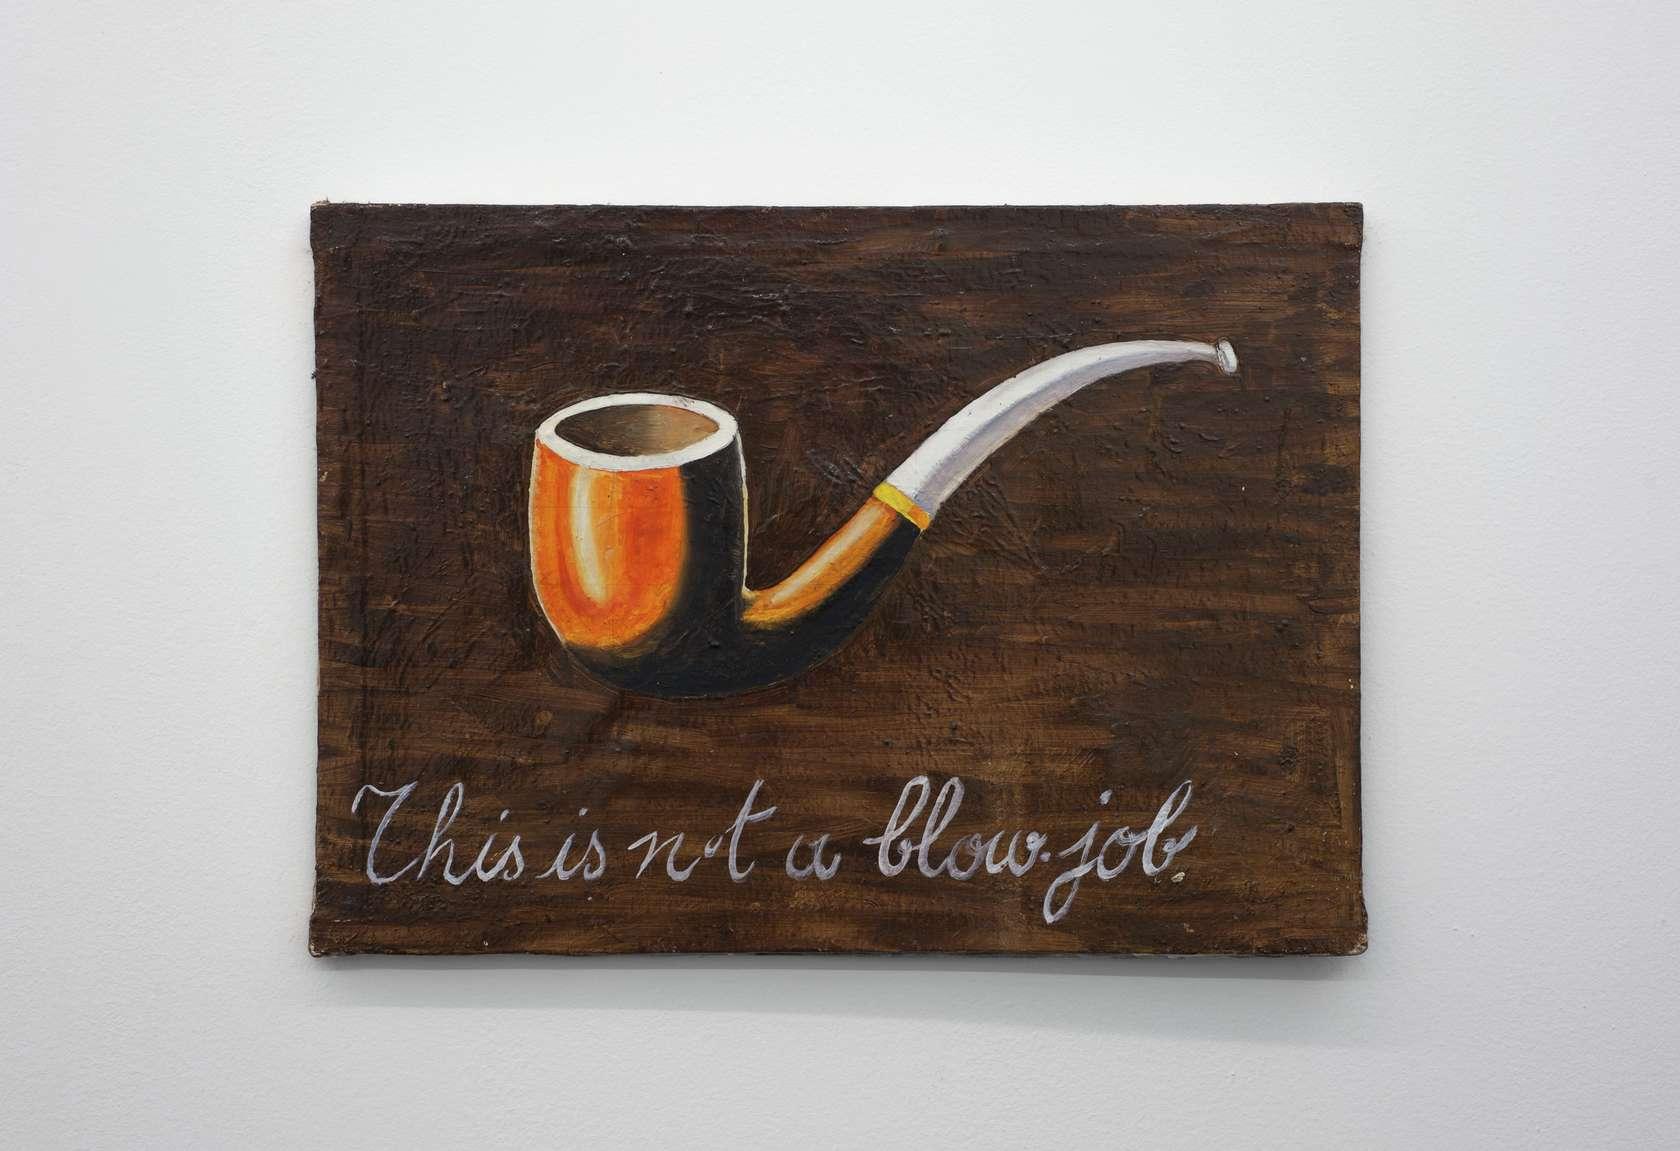 Présence Panchounette, This is not a blowjob, 1979 Huile et acrylique sur toile